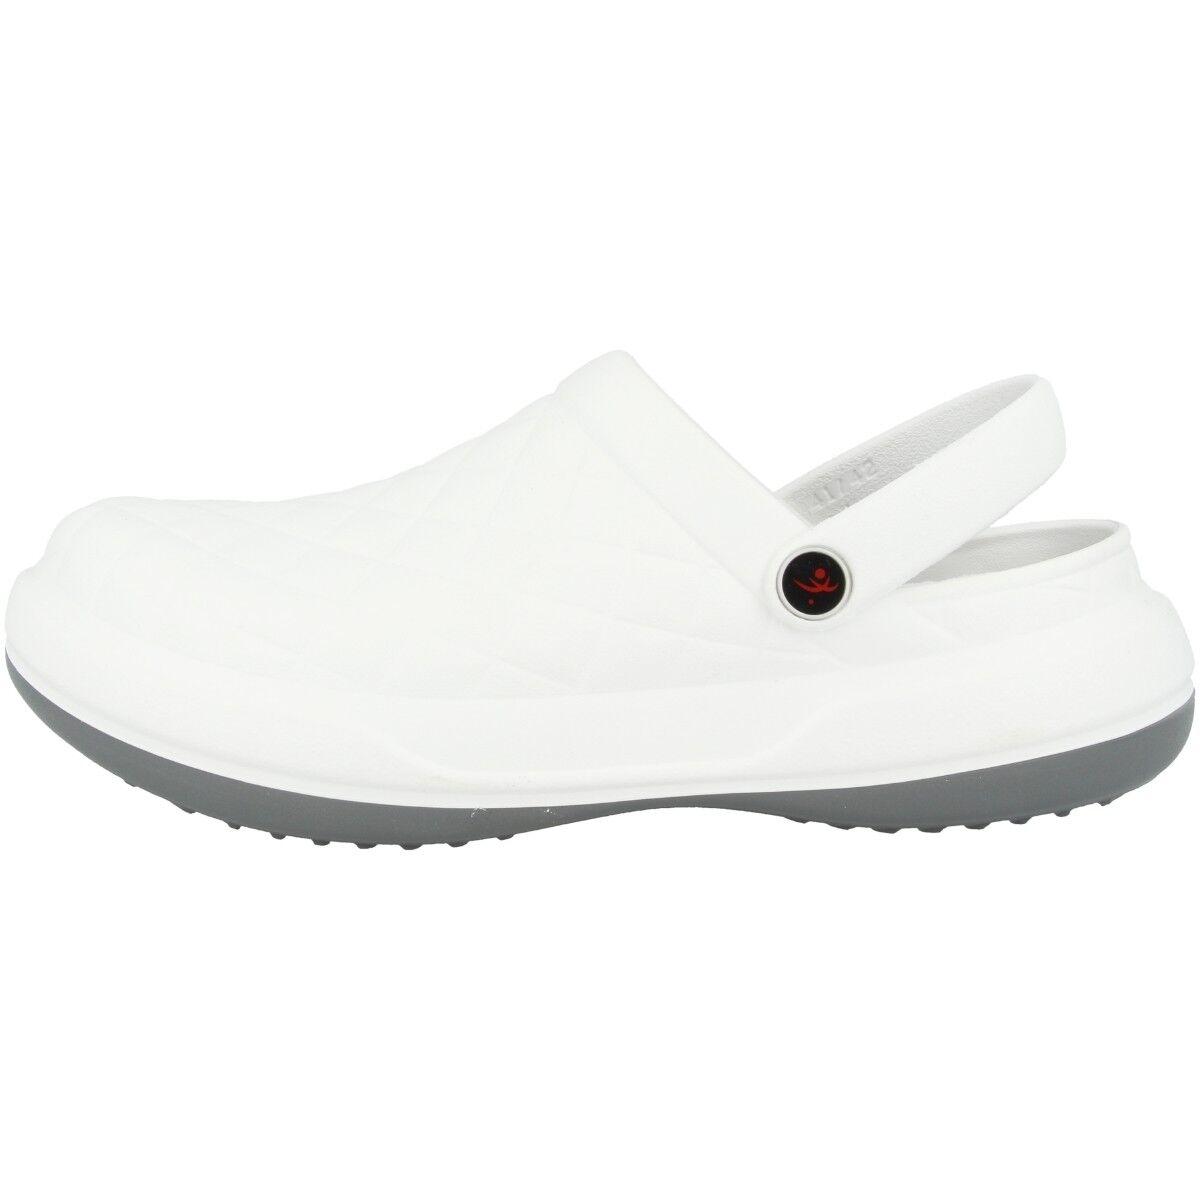 Chung Shi Dux Future Clog Sandalen Clogs Schuhe Badeschuhe weiß 8903020